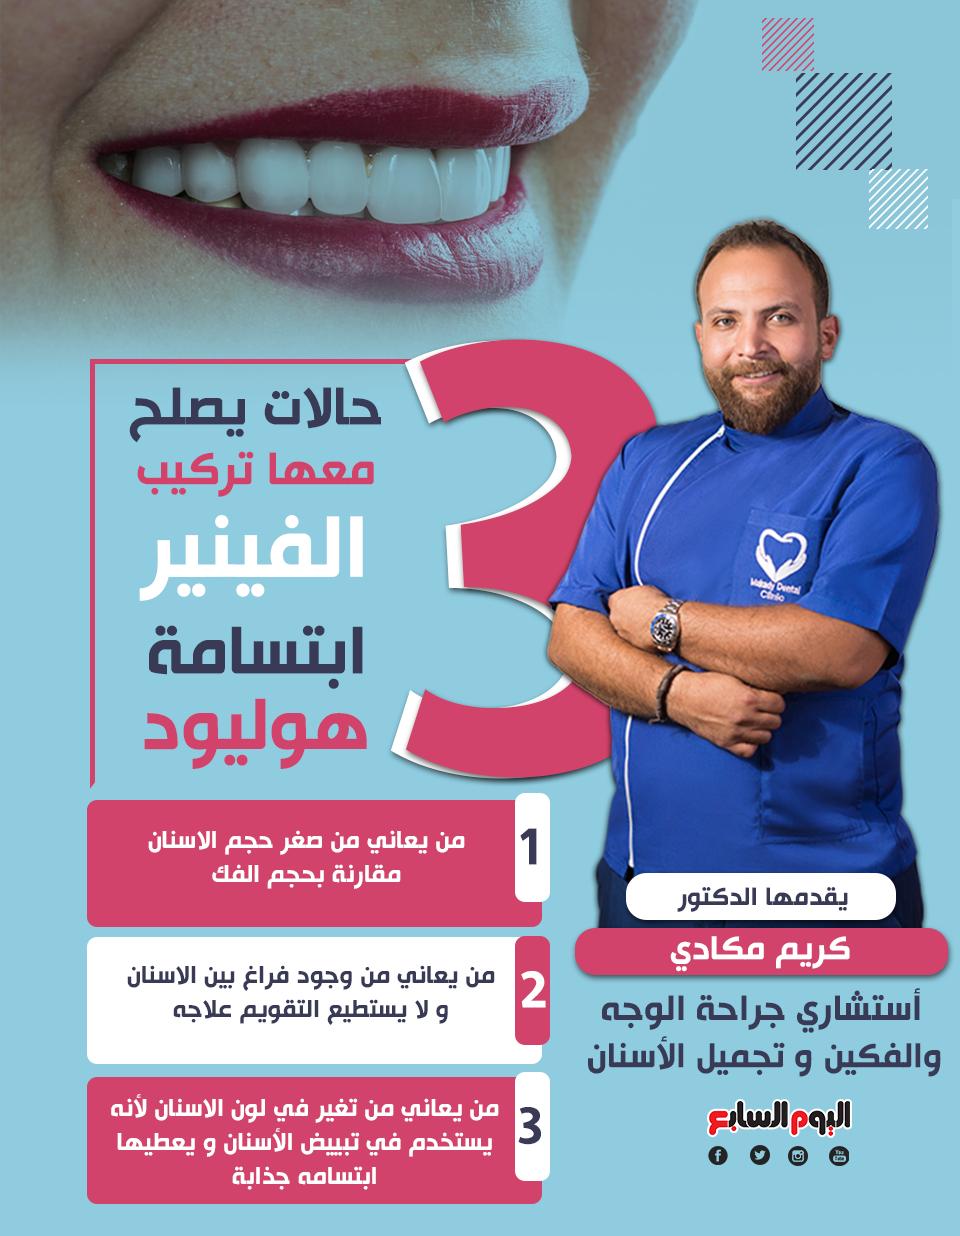 مش مجرد ابتسامة تعرف على وظيفة هوليود سمايل فى علاج الأسنان مع دكتور كريم مكادى اليوم السابع